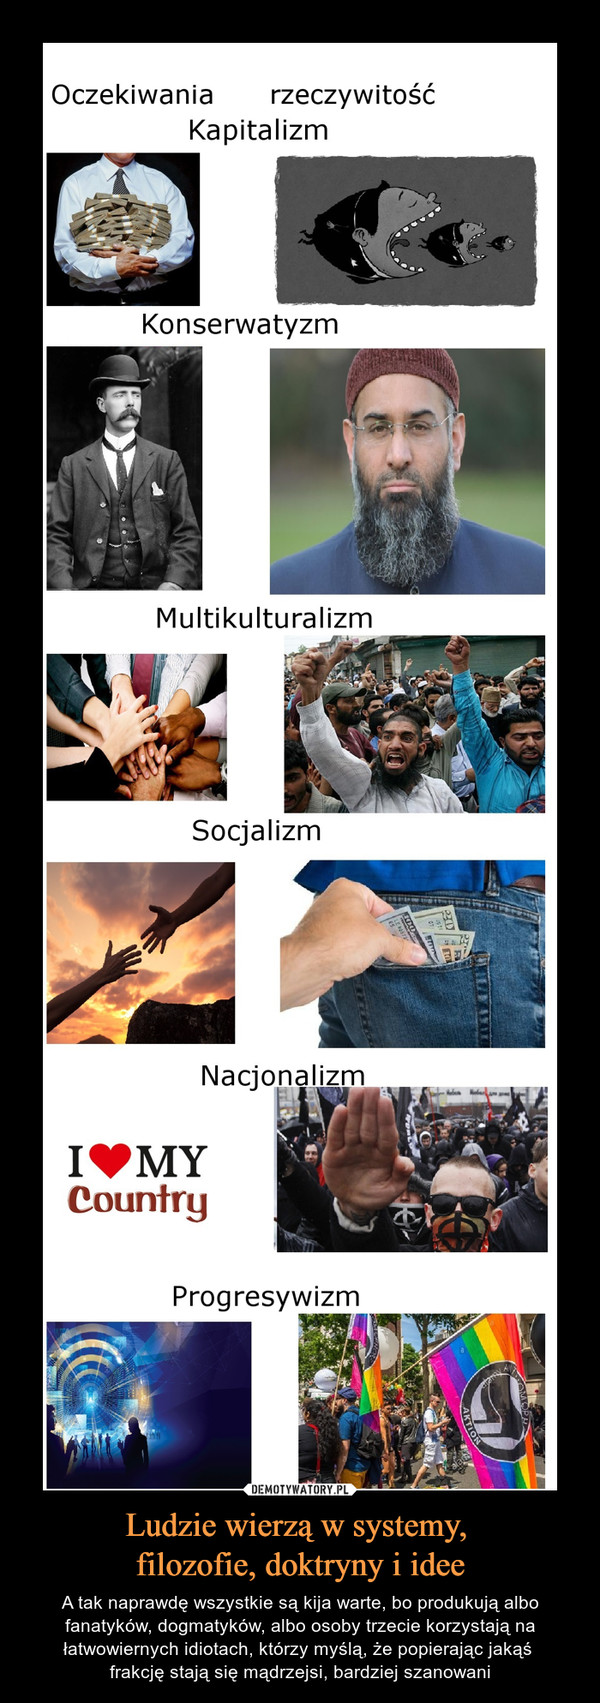 Ludzie wierzą w systemy, filozofie, doktryny i idee – A tak naprawdę wszystkie są kija warte, bo produkują albo fanatyków, dogmatyków, albo osoby trzecie korzystają na łatwowiernych idiotach, którzy myślą, że popierając jakąś frakcję stają się mądrzejsi, bardziej szanowani Oczekiwania rzeczywitość Kapitalizm Konserwatyzm Multikulturalizm Socjalizm Nacjonalizm Counłrg Progresywizm